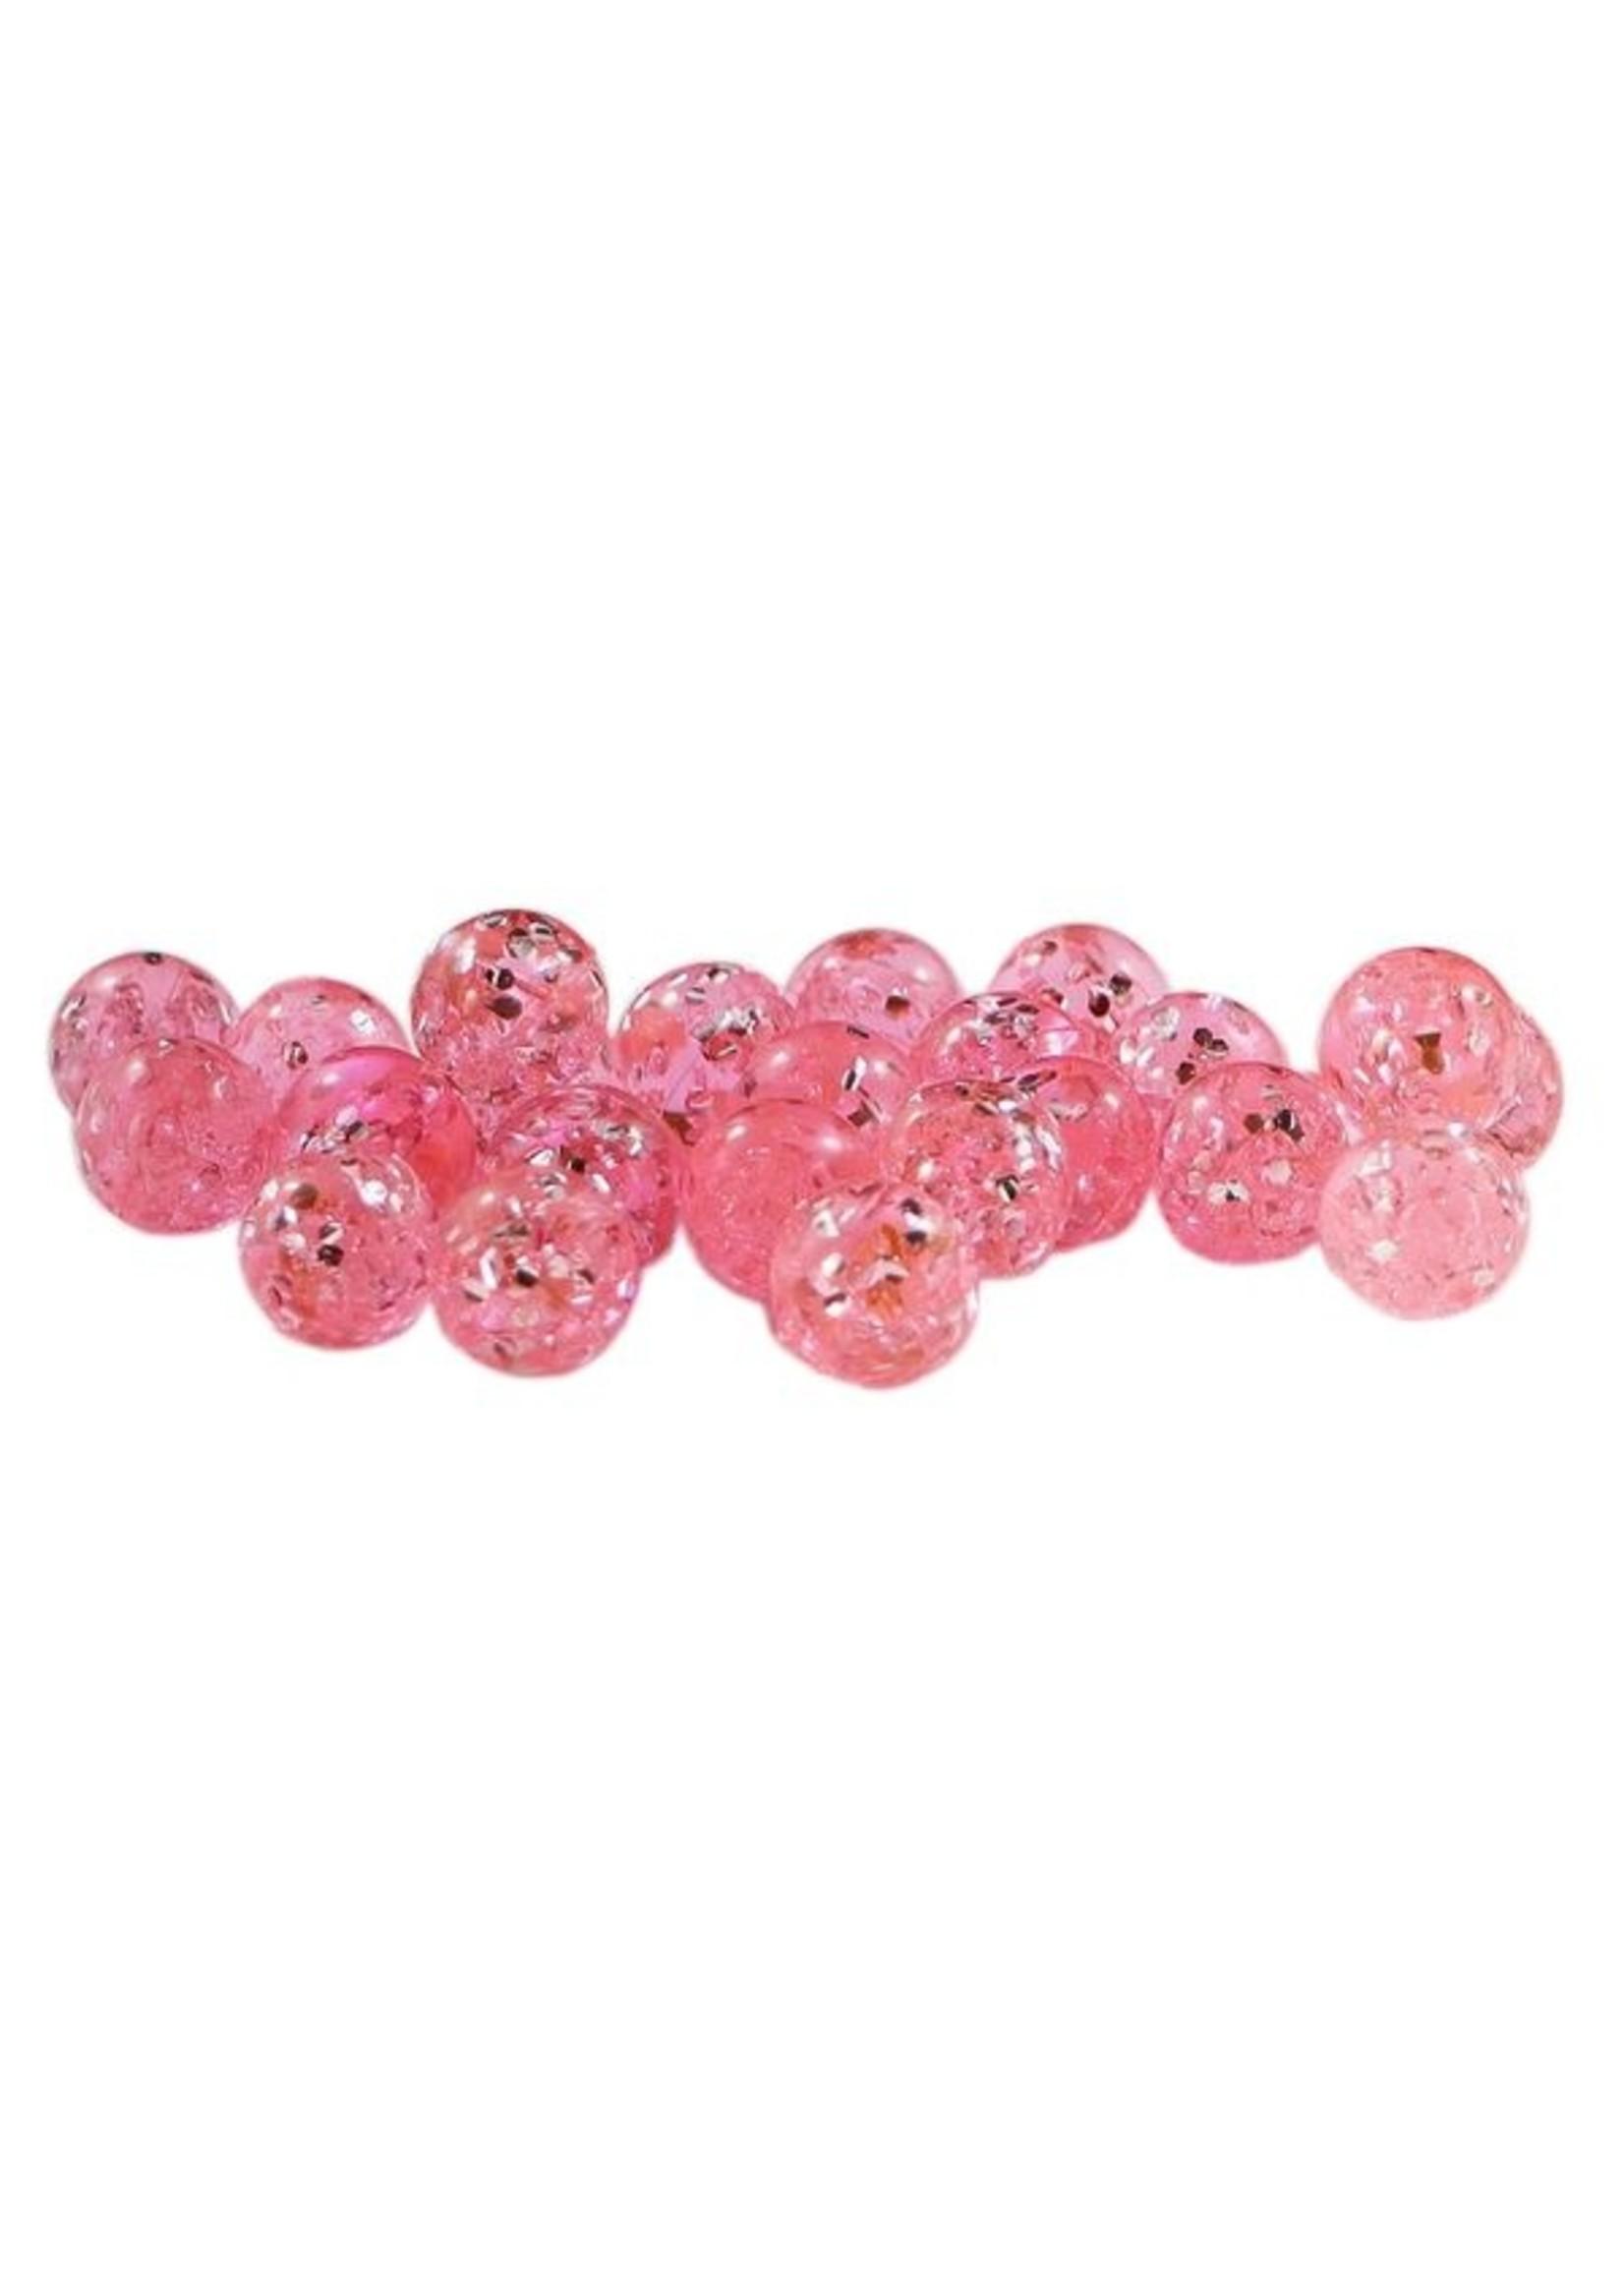 Cleardrift Cleardrift Glitter Bomb Soft Beads Candy Apple 12mm